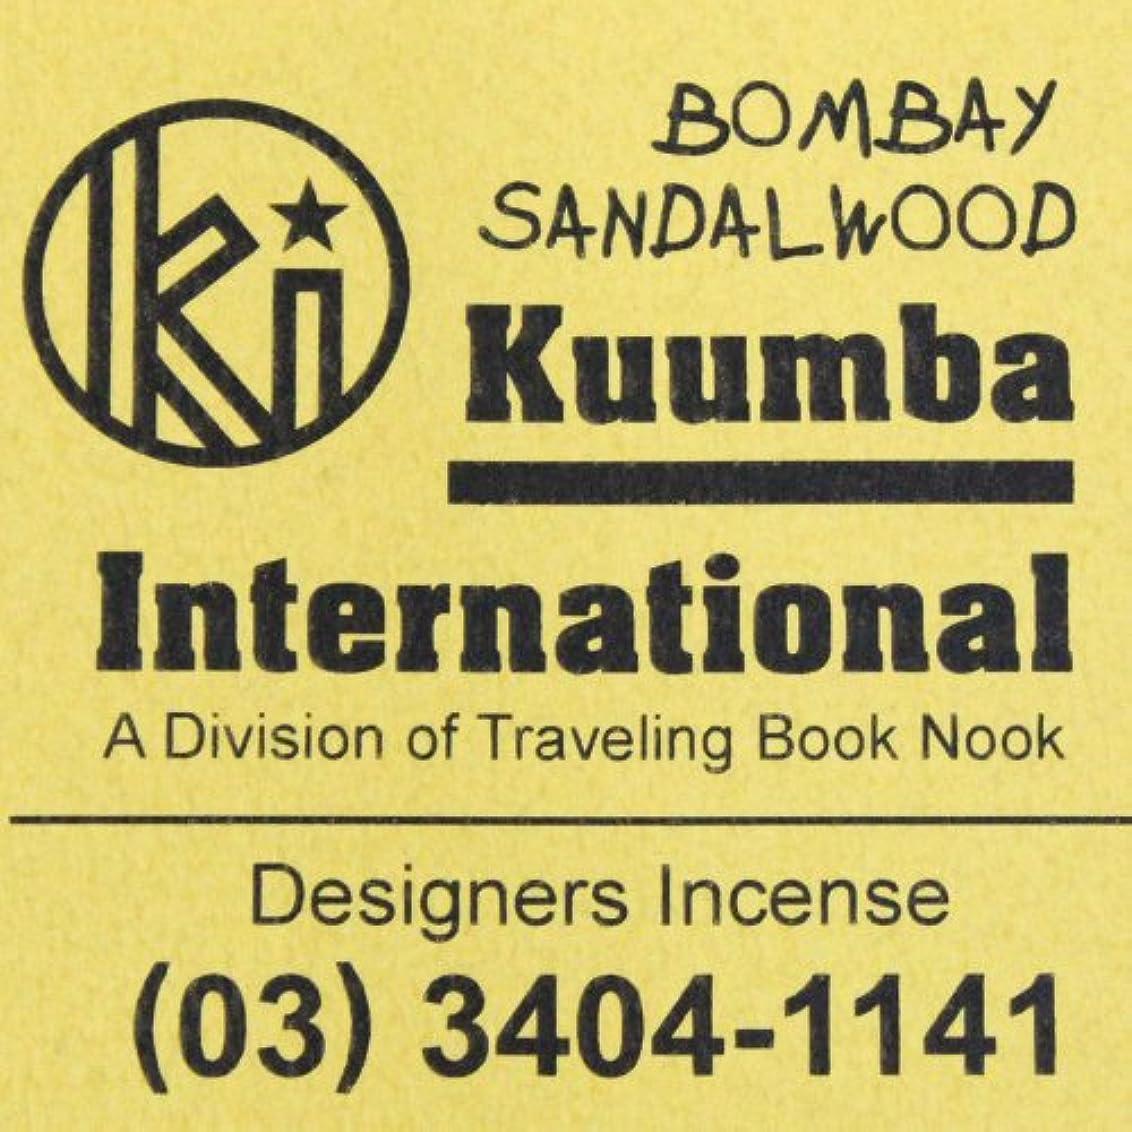 飢メロディアス小説KUUMBA (クンバ)『incense』(BOMBAY SANDALWOOD) (Regular size)